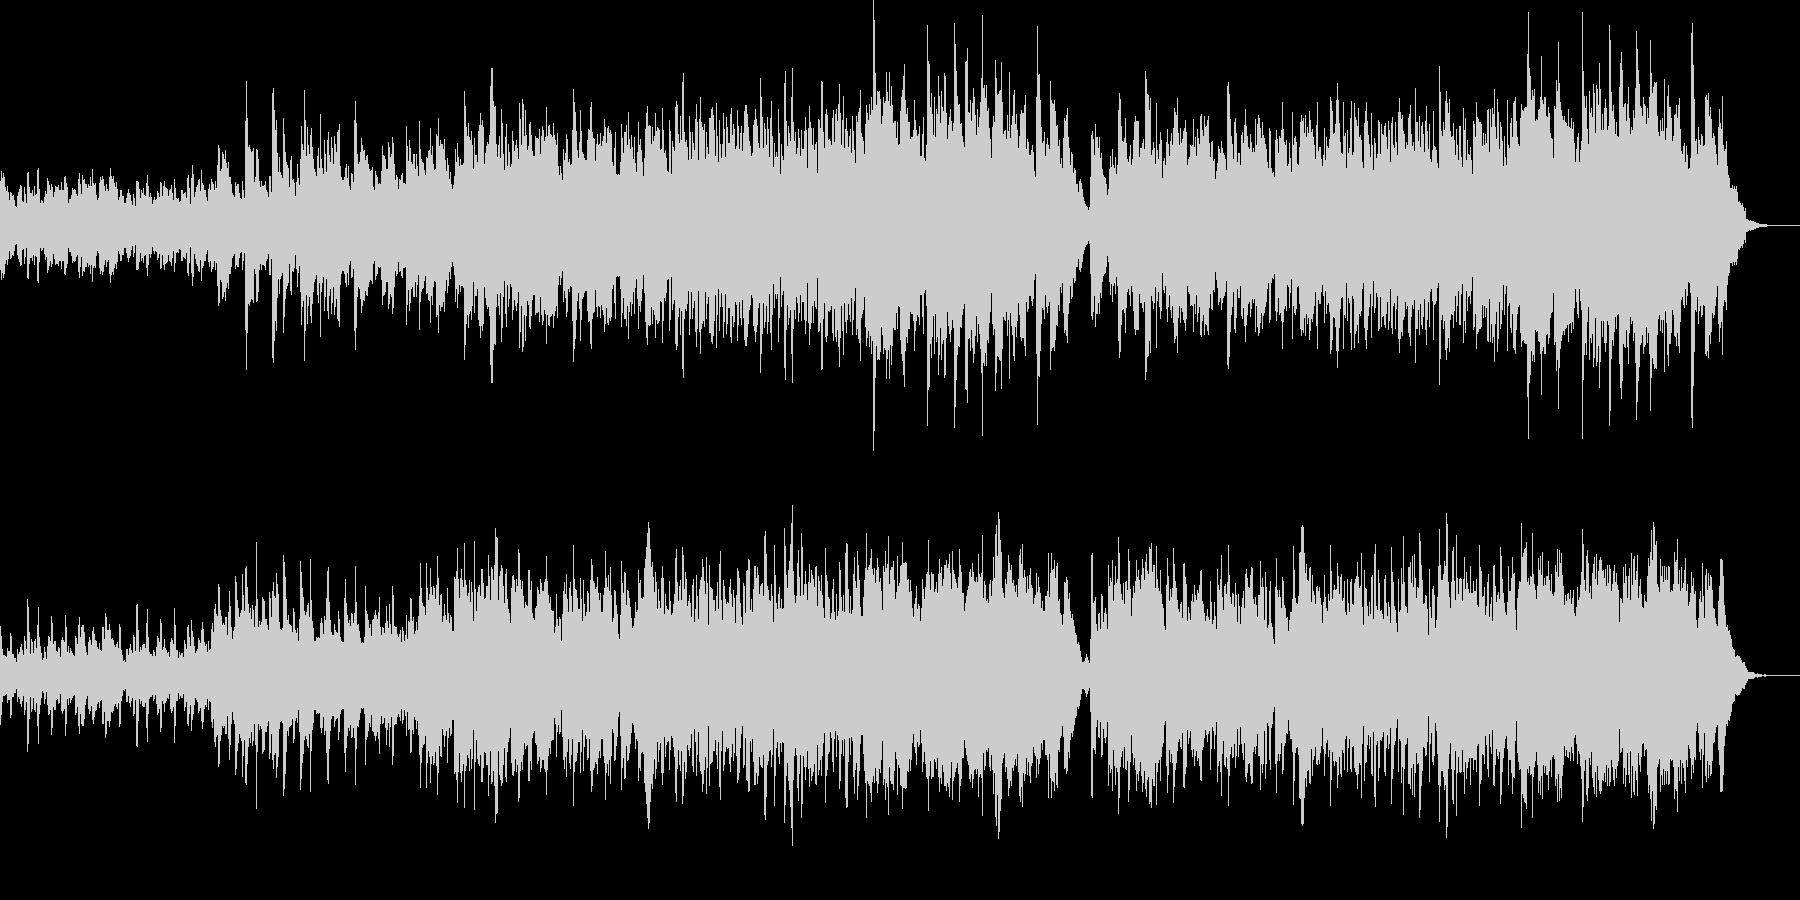 明るく爽やかなオーケストラポップ-13の未再生の波形